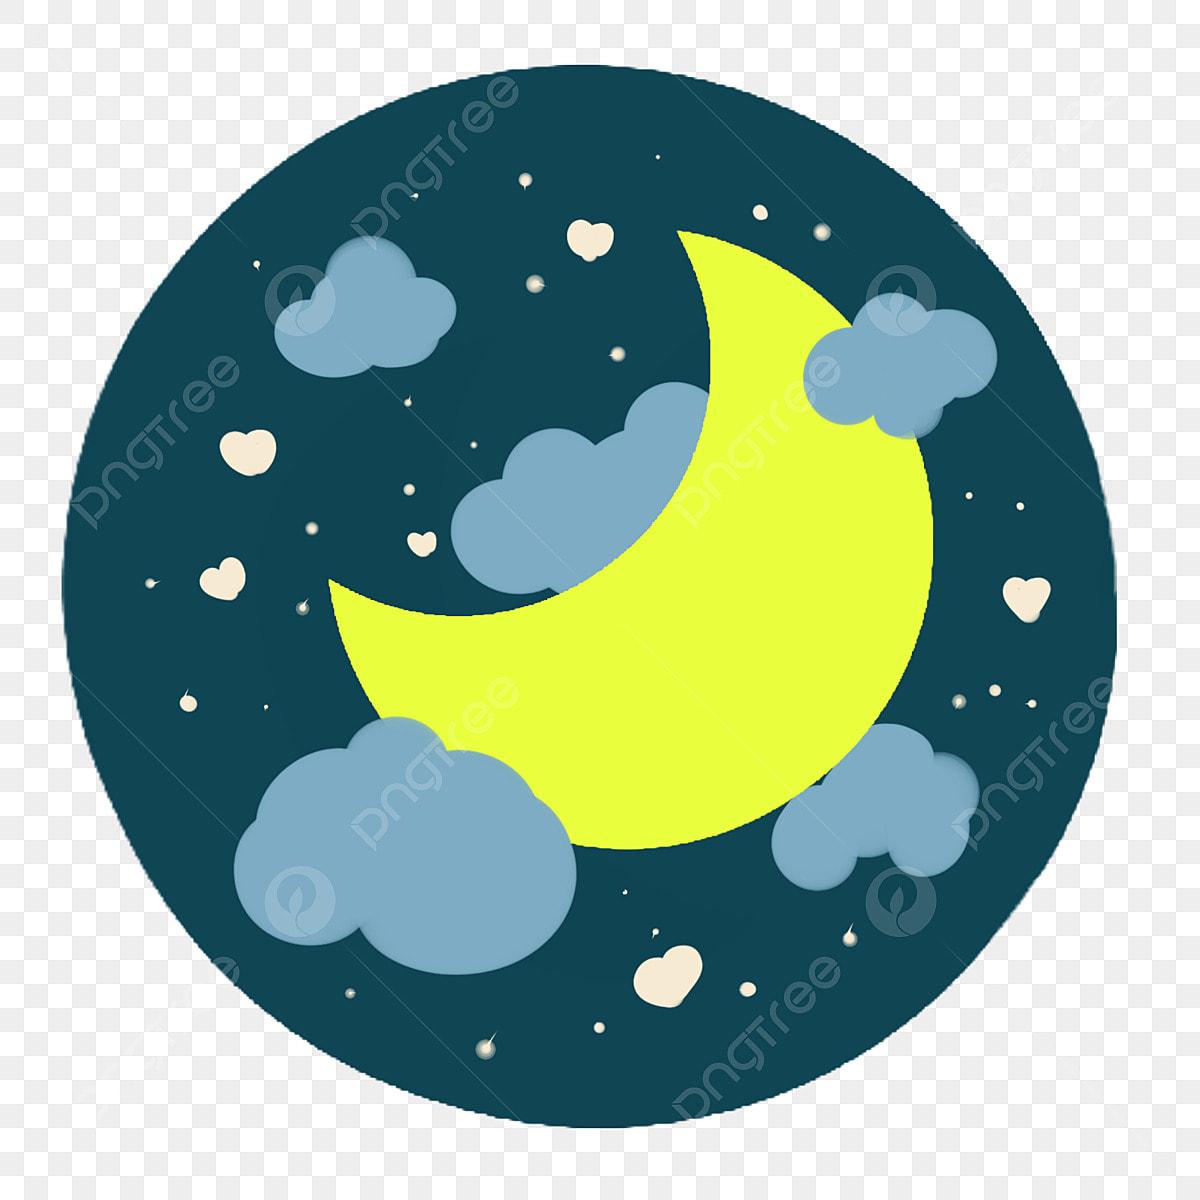 Crescent Moon clipart - Moon, Circle, Leaf, transparent clip art